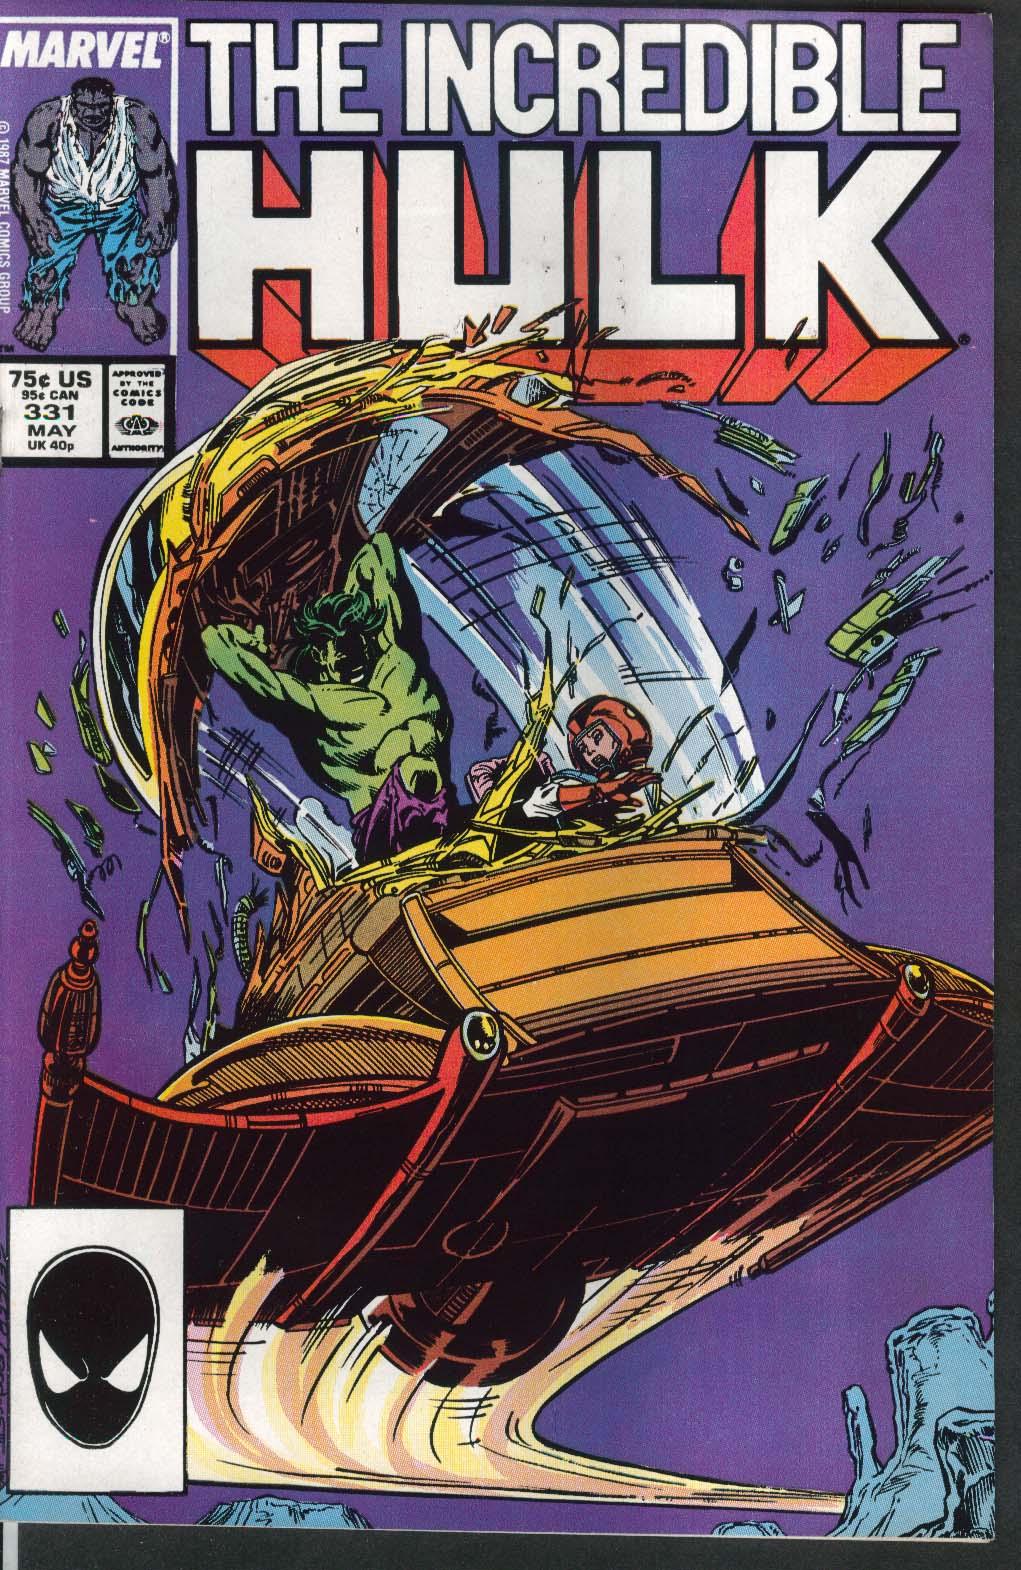 Incredible HULK #331 Marvel comic book 5 1987